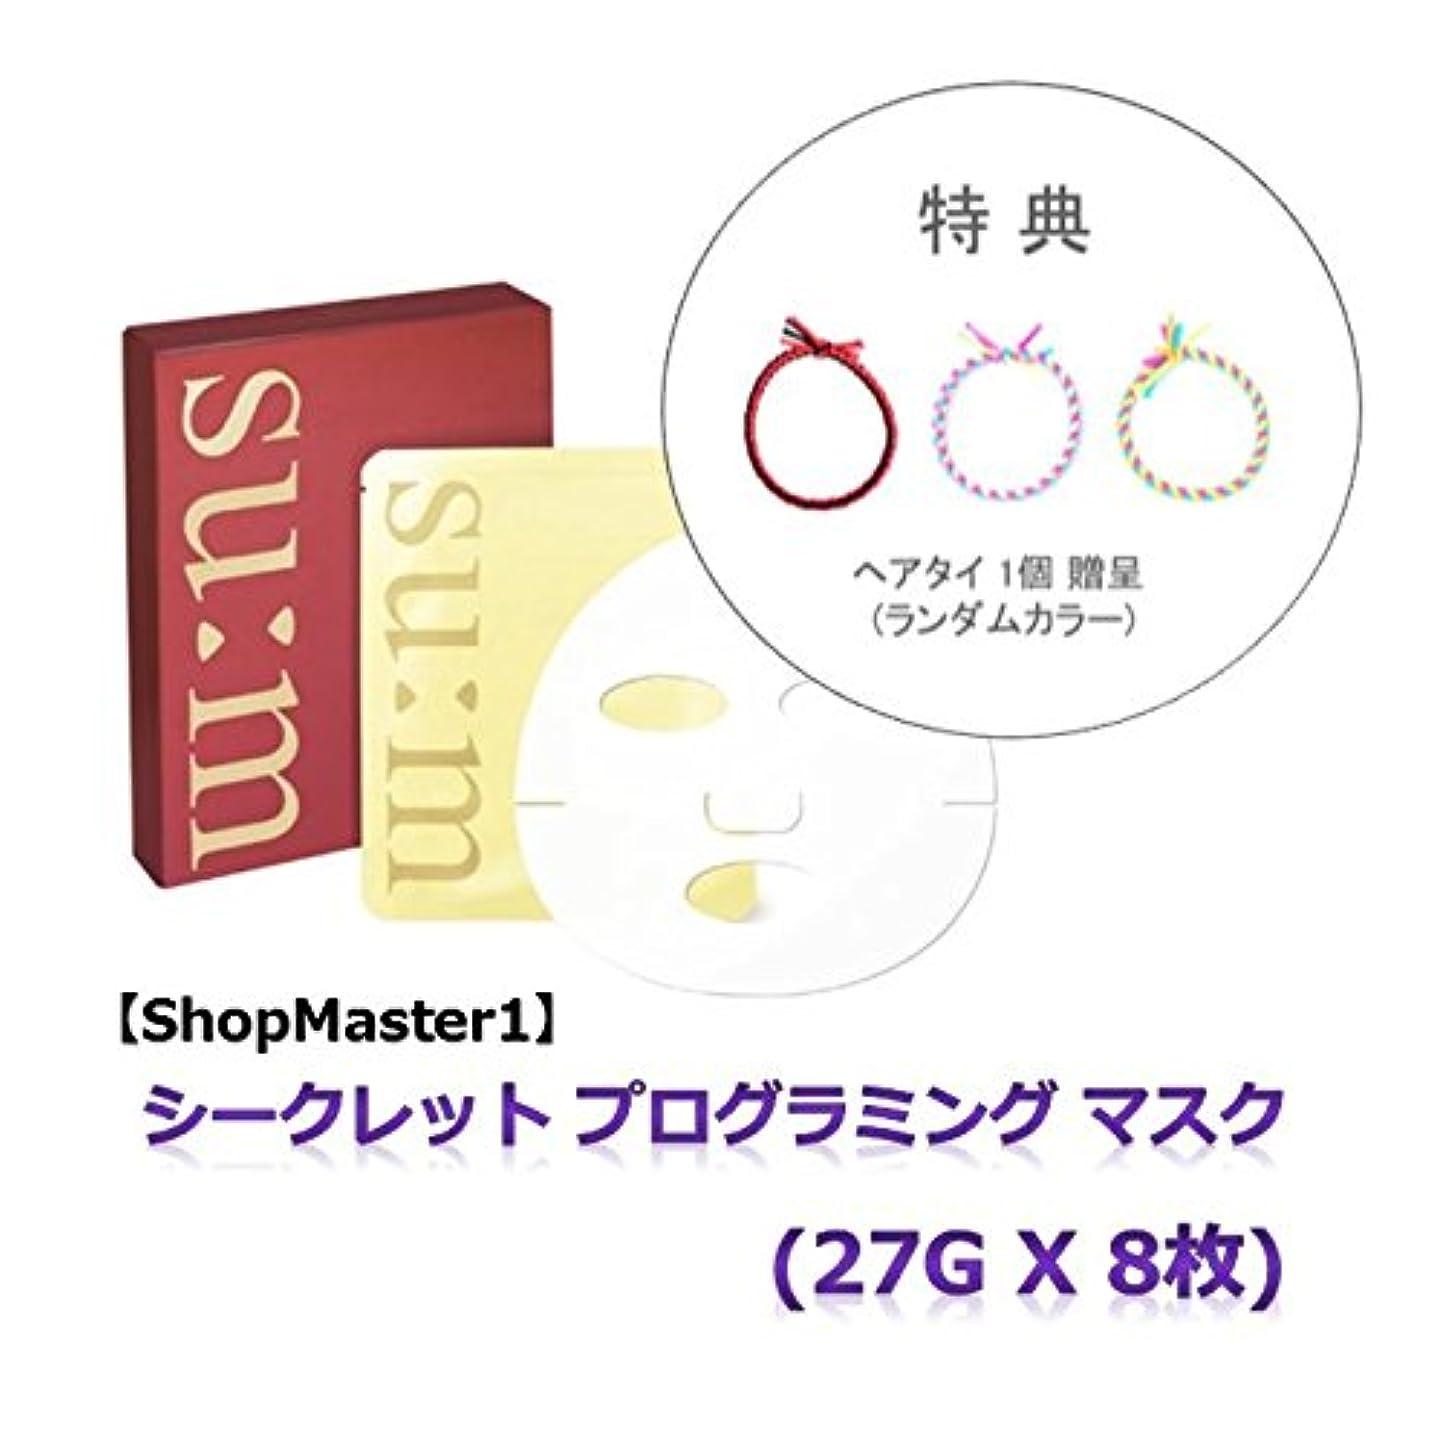 階原油優雅な【スム37° su:m37°】シークレット プログラミング マスク (27g x 8枚) / Secret Programming Mask (27g x 8EA) / 特典 - ヘアタイ贈呈(ランダムカラー) [並行輸入品]